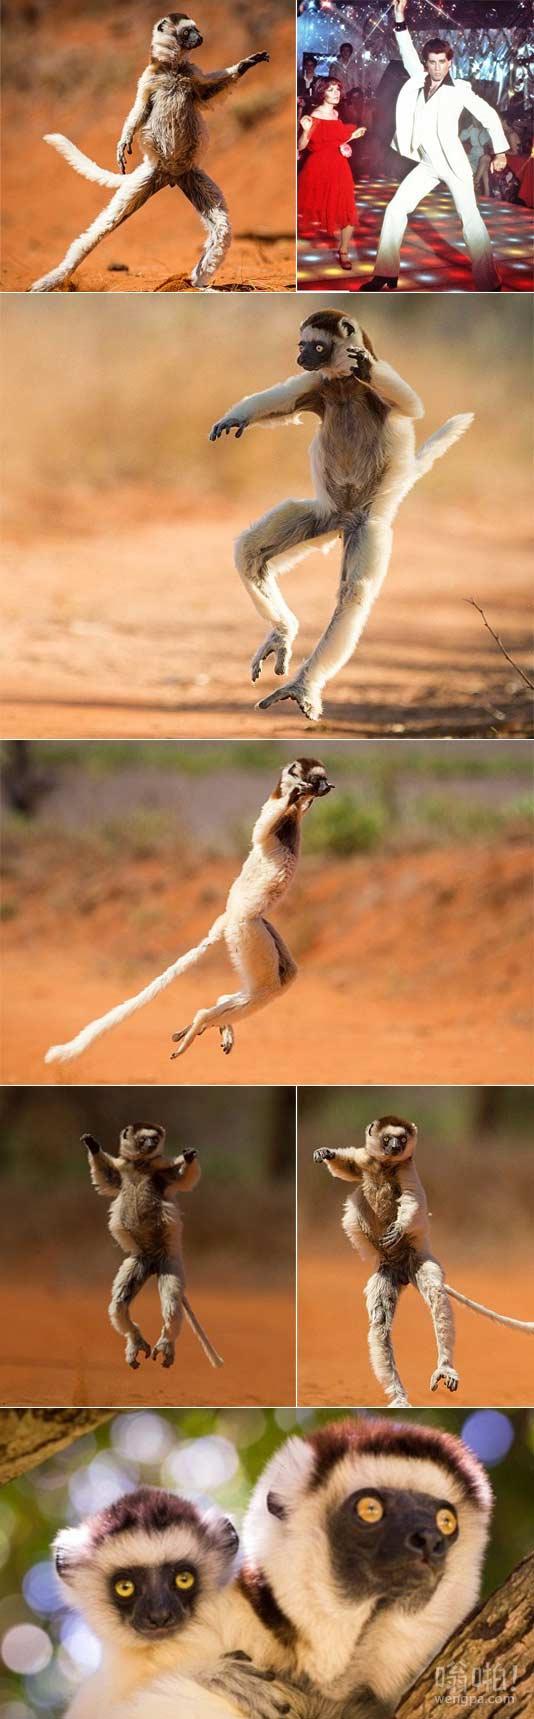 马达加斯加耍帅狐猴炫耀自己的令人印象深刻的舞蹈动作